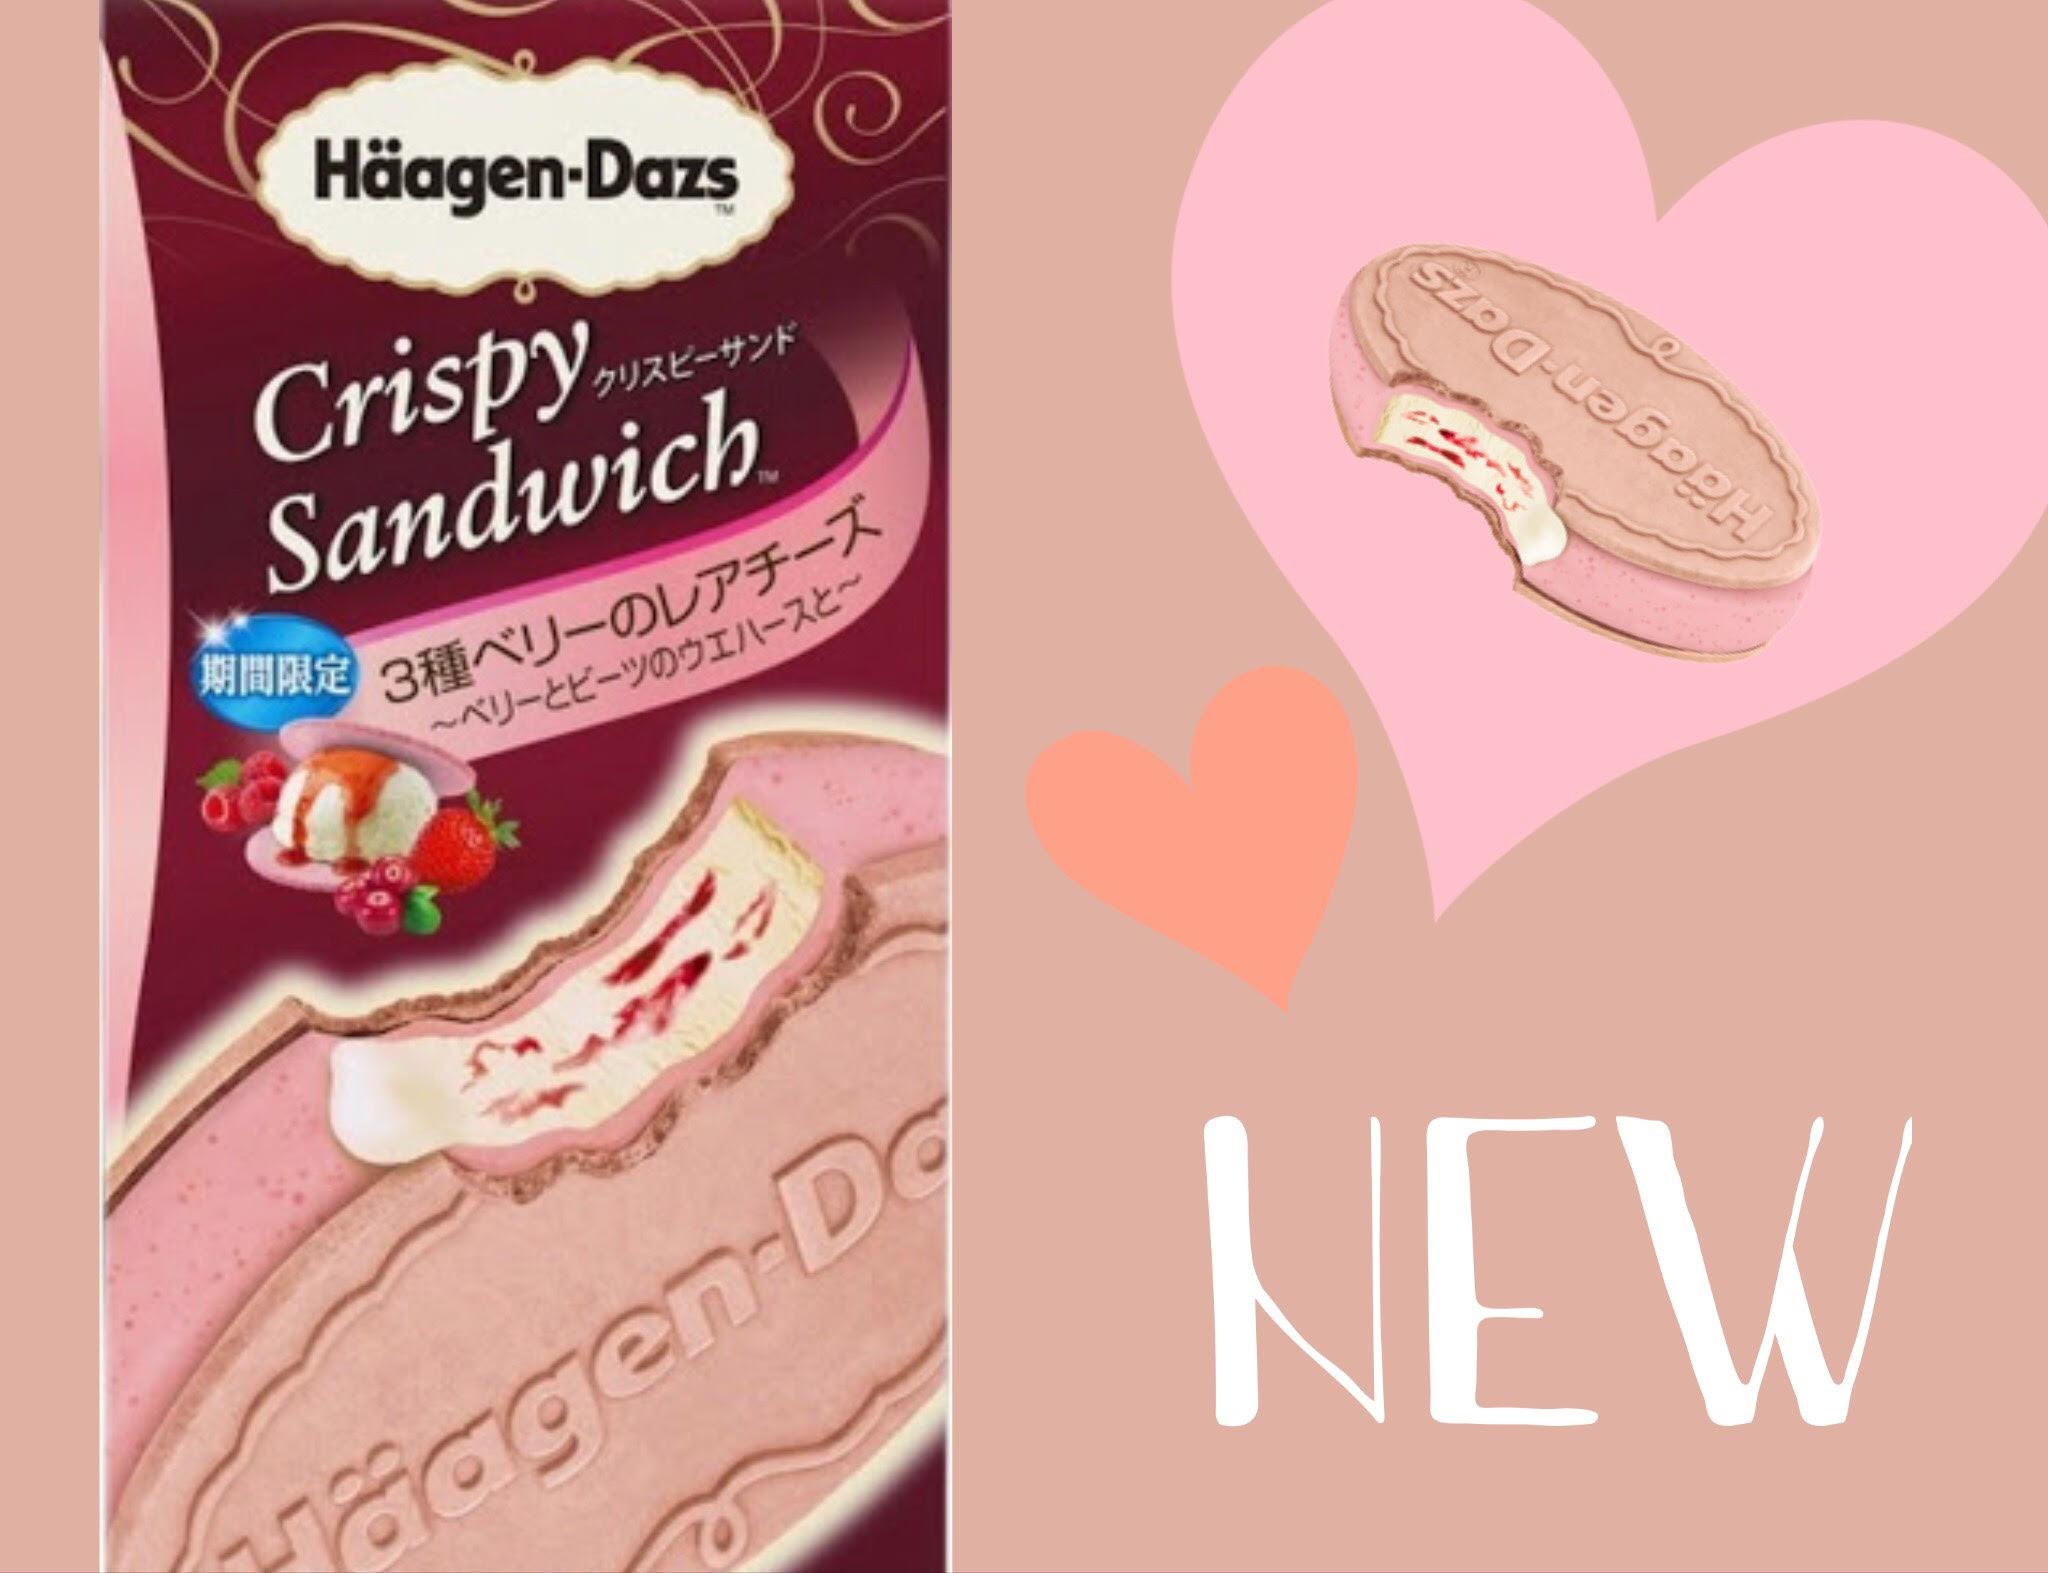 """インスタ映え確定⁈ 《ハーゲンダッツ》が""""ピンクのクリスピーサンド""""が期間限定で発売👼🍓💘"""